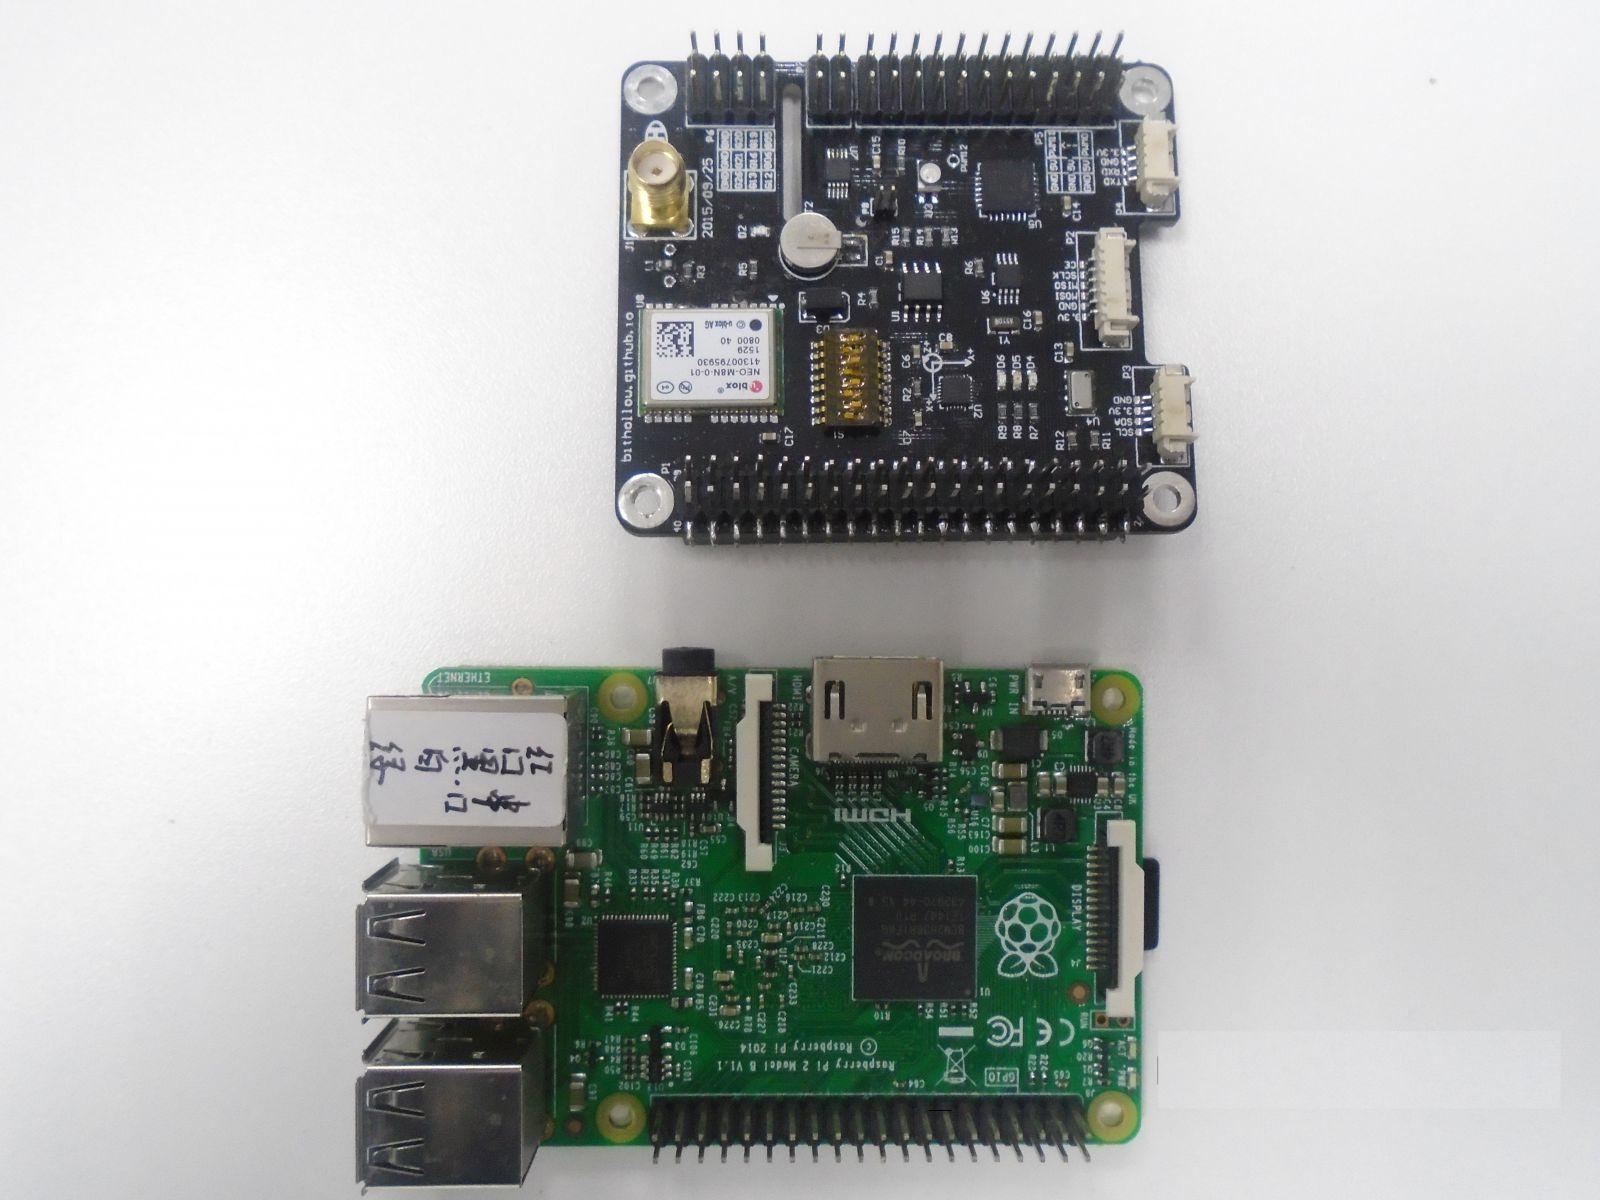 先上图: 硬件配置:  mpu9250  ublox neo m8n  ms5611  pca9685  ds1